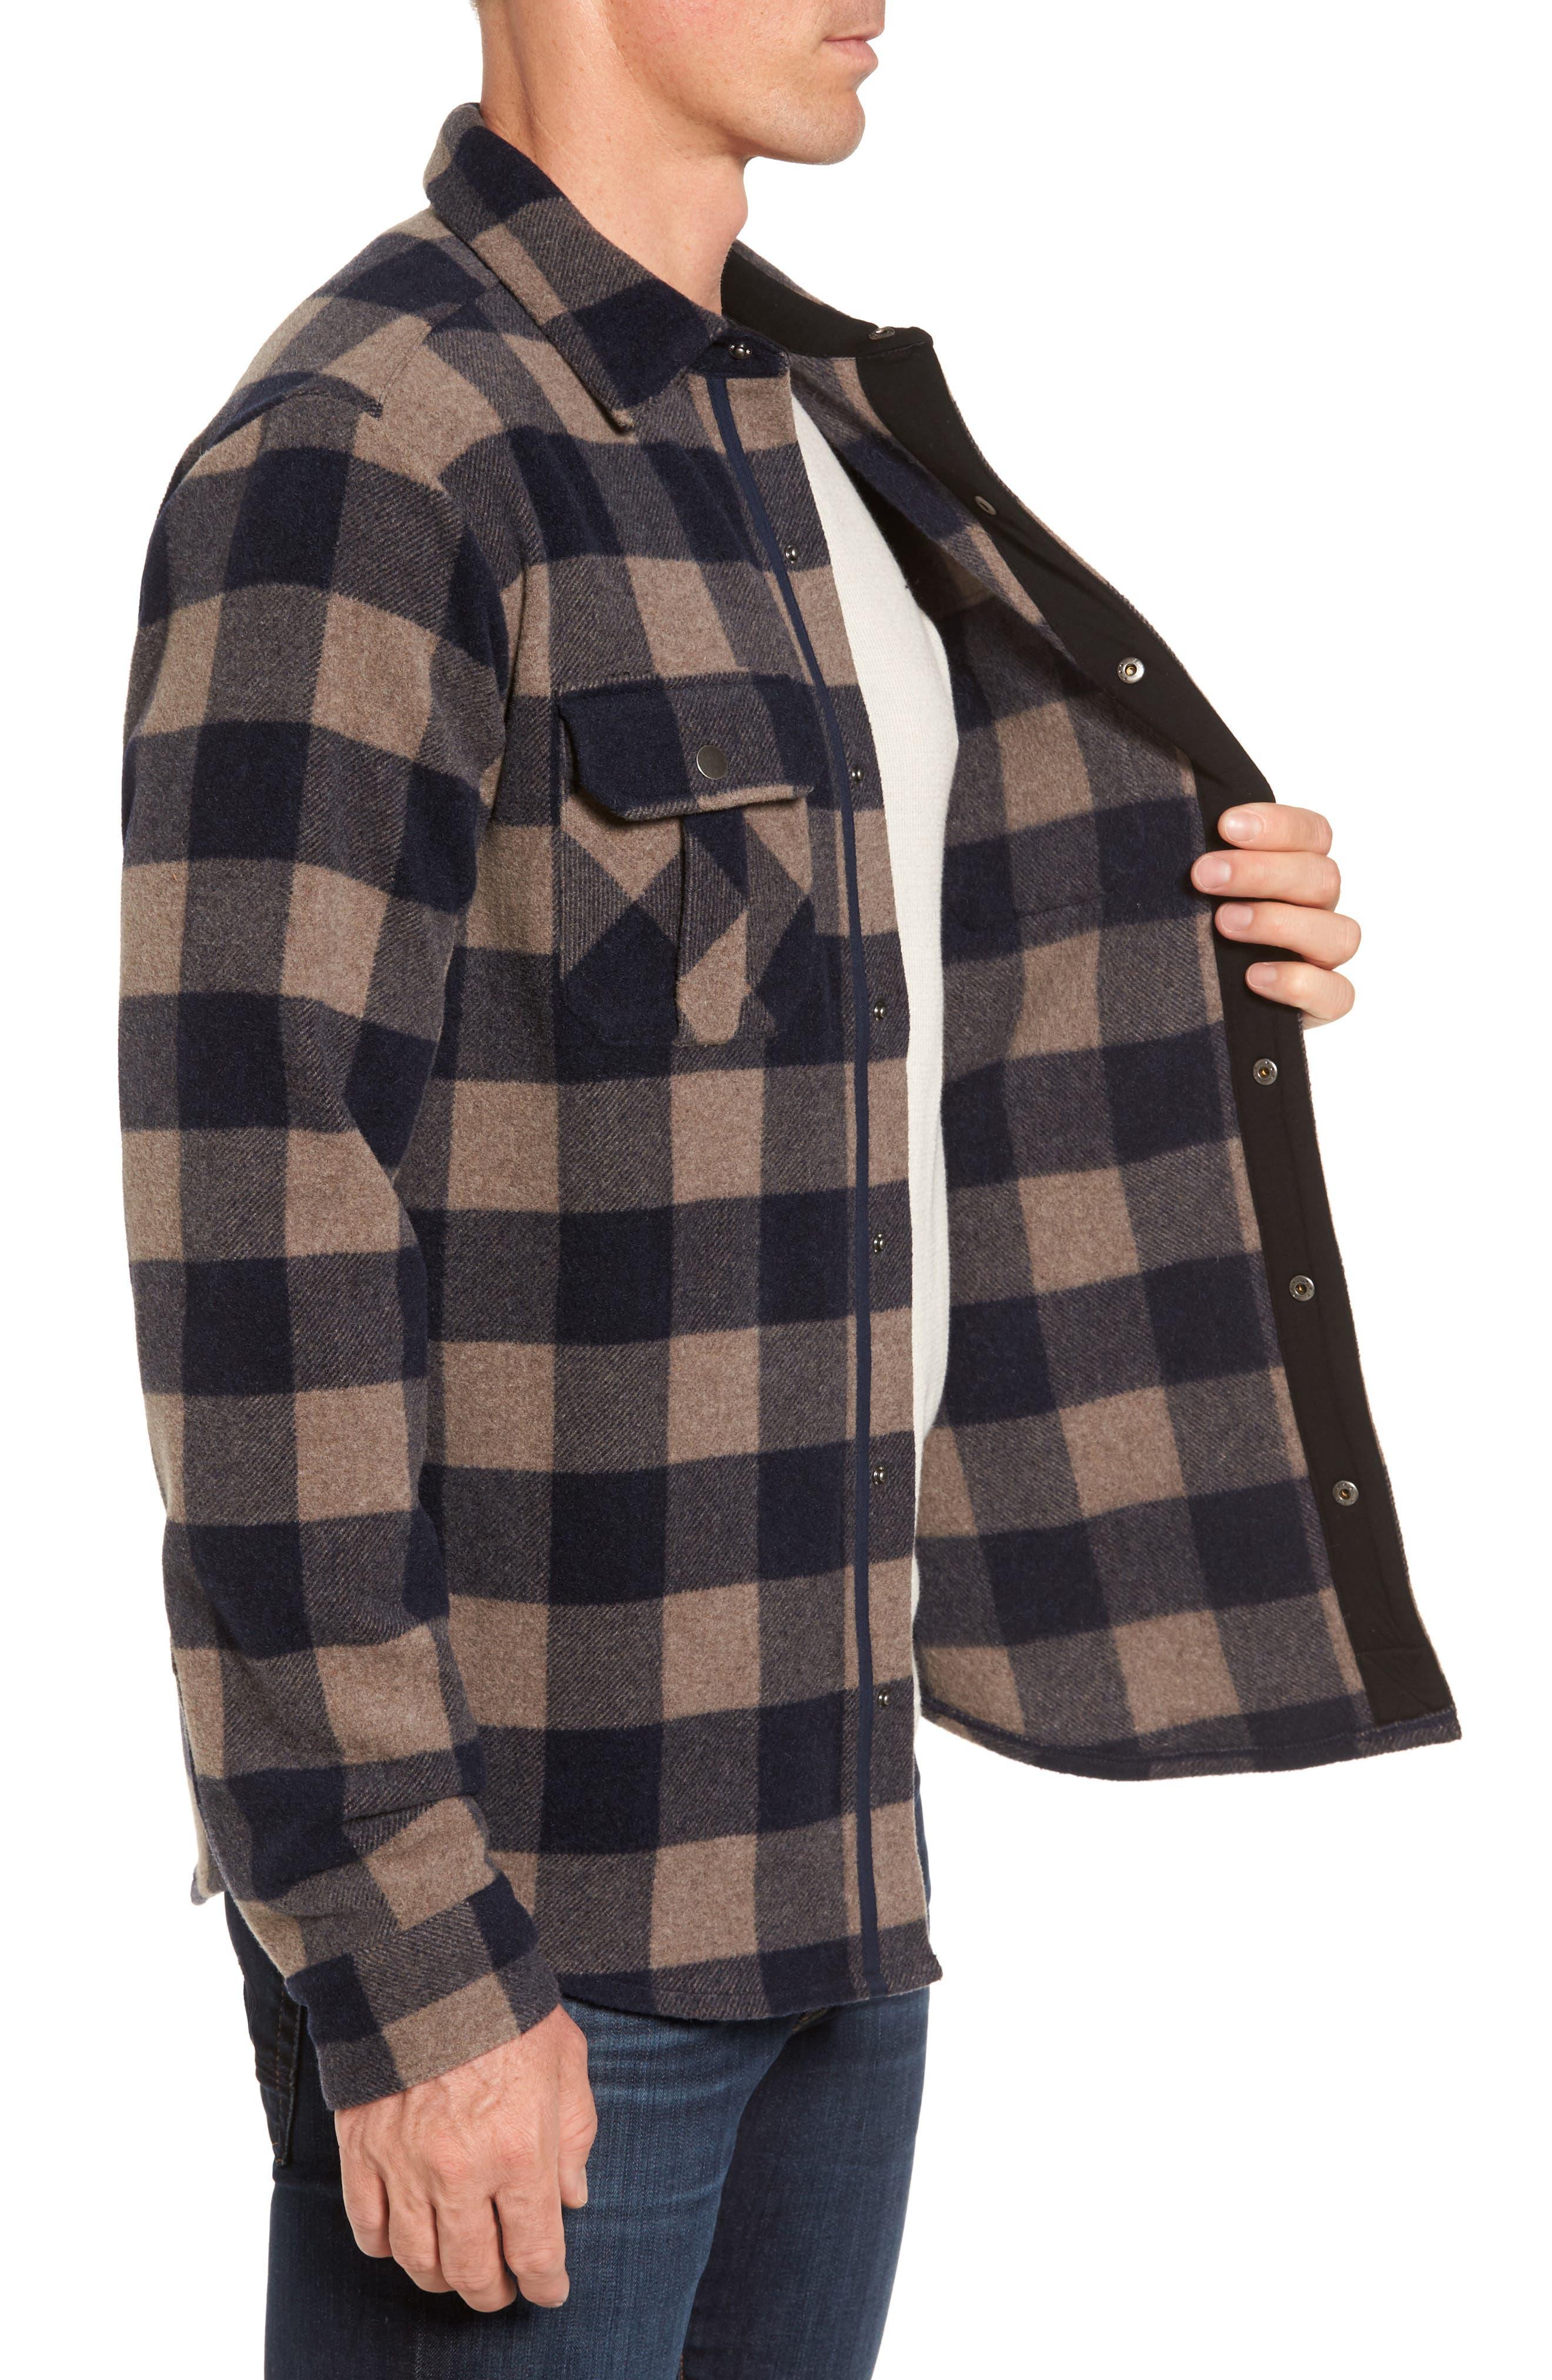 Alternate Image 3  - SmartWool Anchor Line Flannel Shirt Jacket